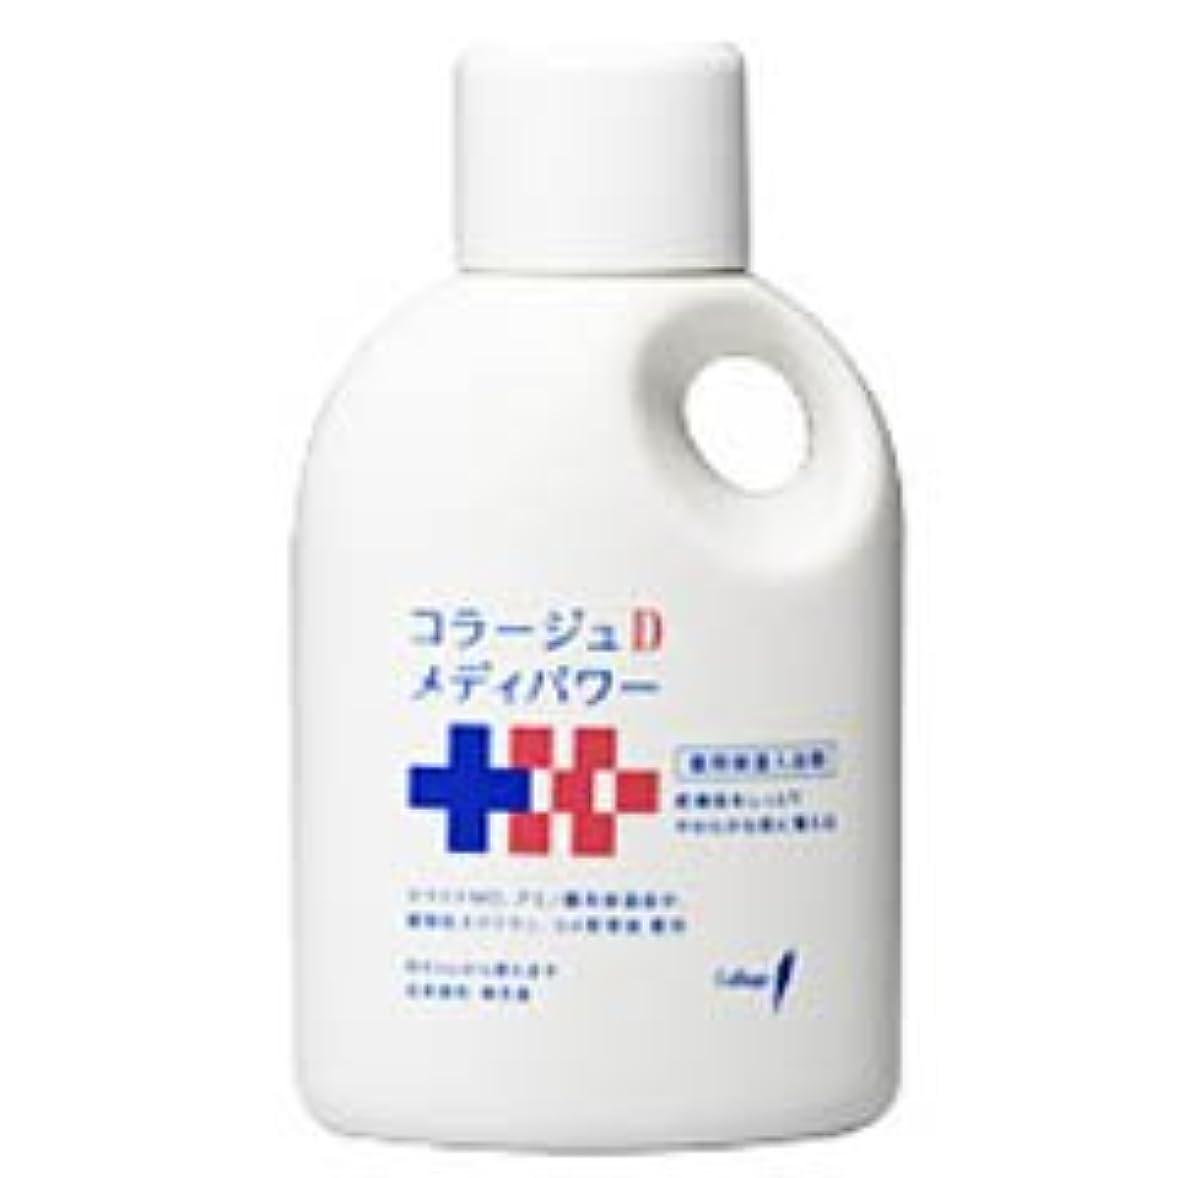 アーティキュレーション仕立て屋洗う【持田ヘルスケア】コラージュD メディパワー 保湿入浴液 500ml